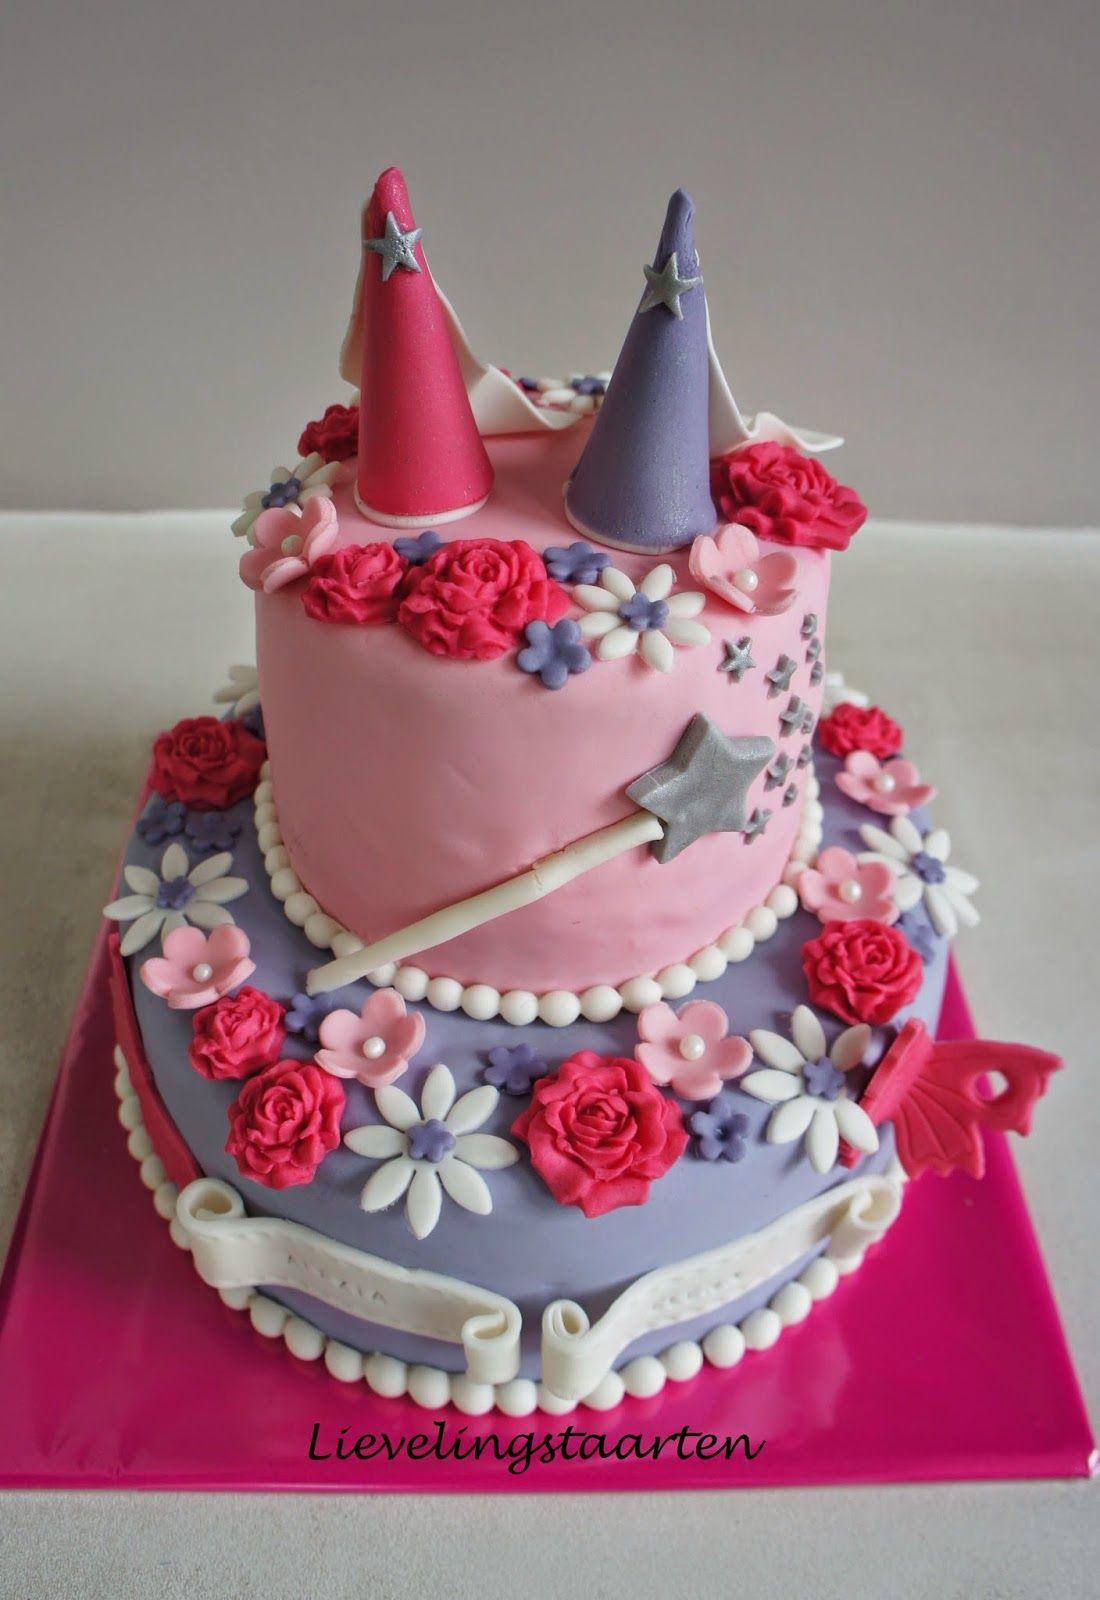 Lievelingstaarten: Foto's van Taarten&cupcakes